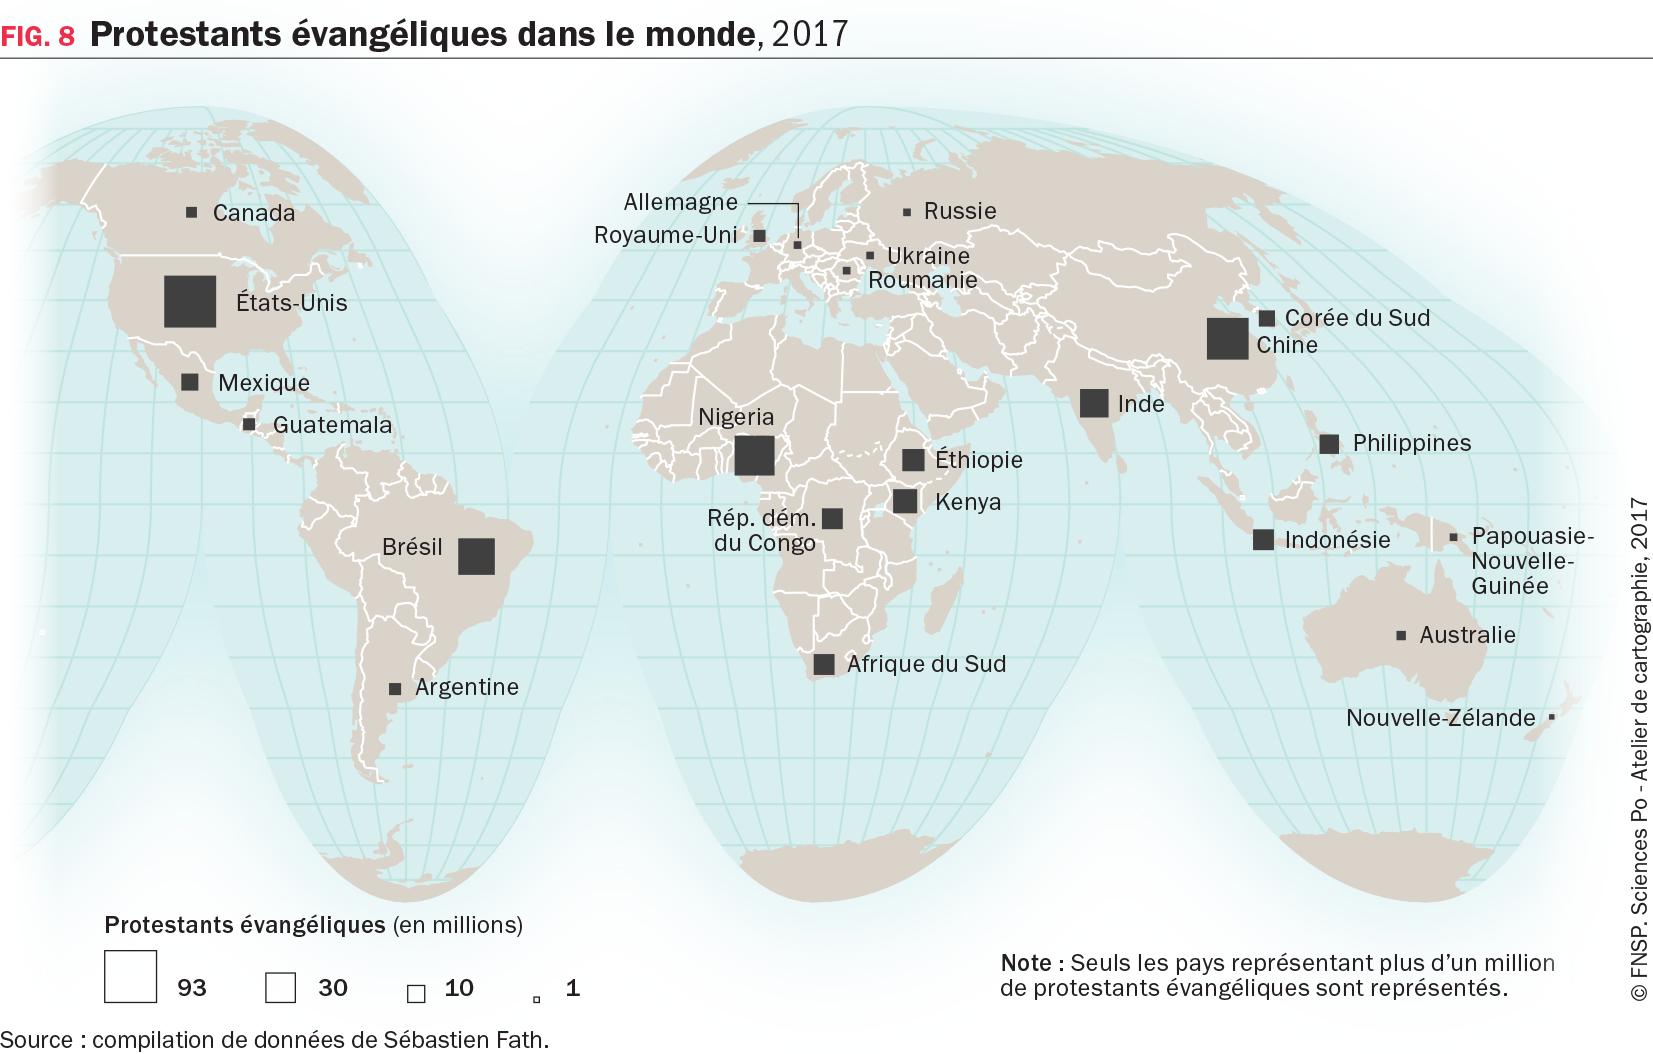 Carte : Protestants évangéliques dans le monde, 2017